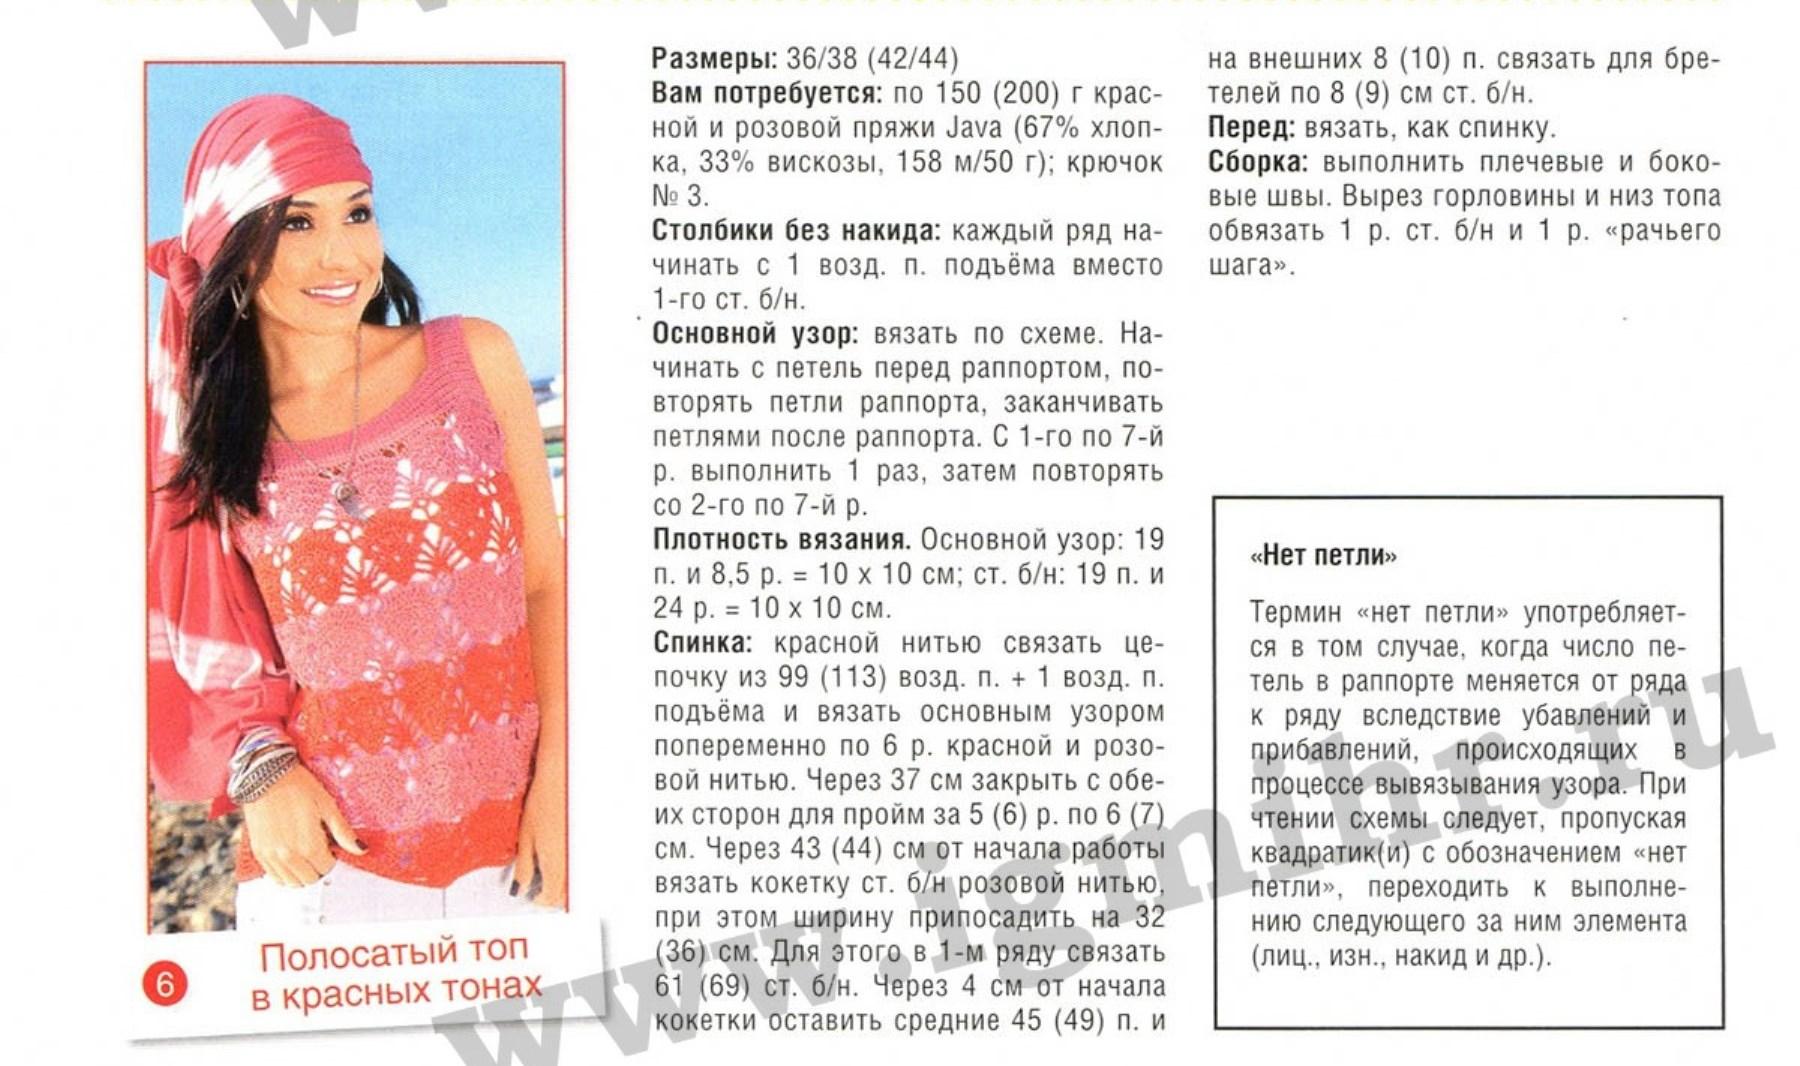 0591_МДсп.8.13 (6)a